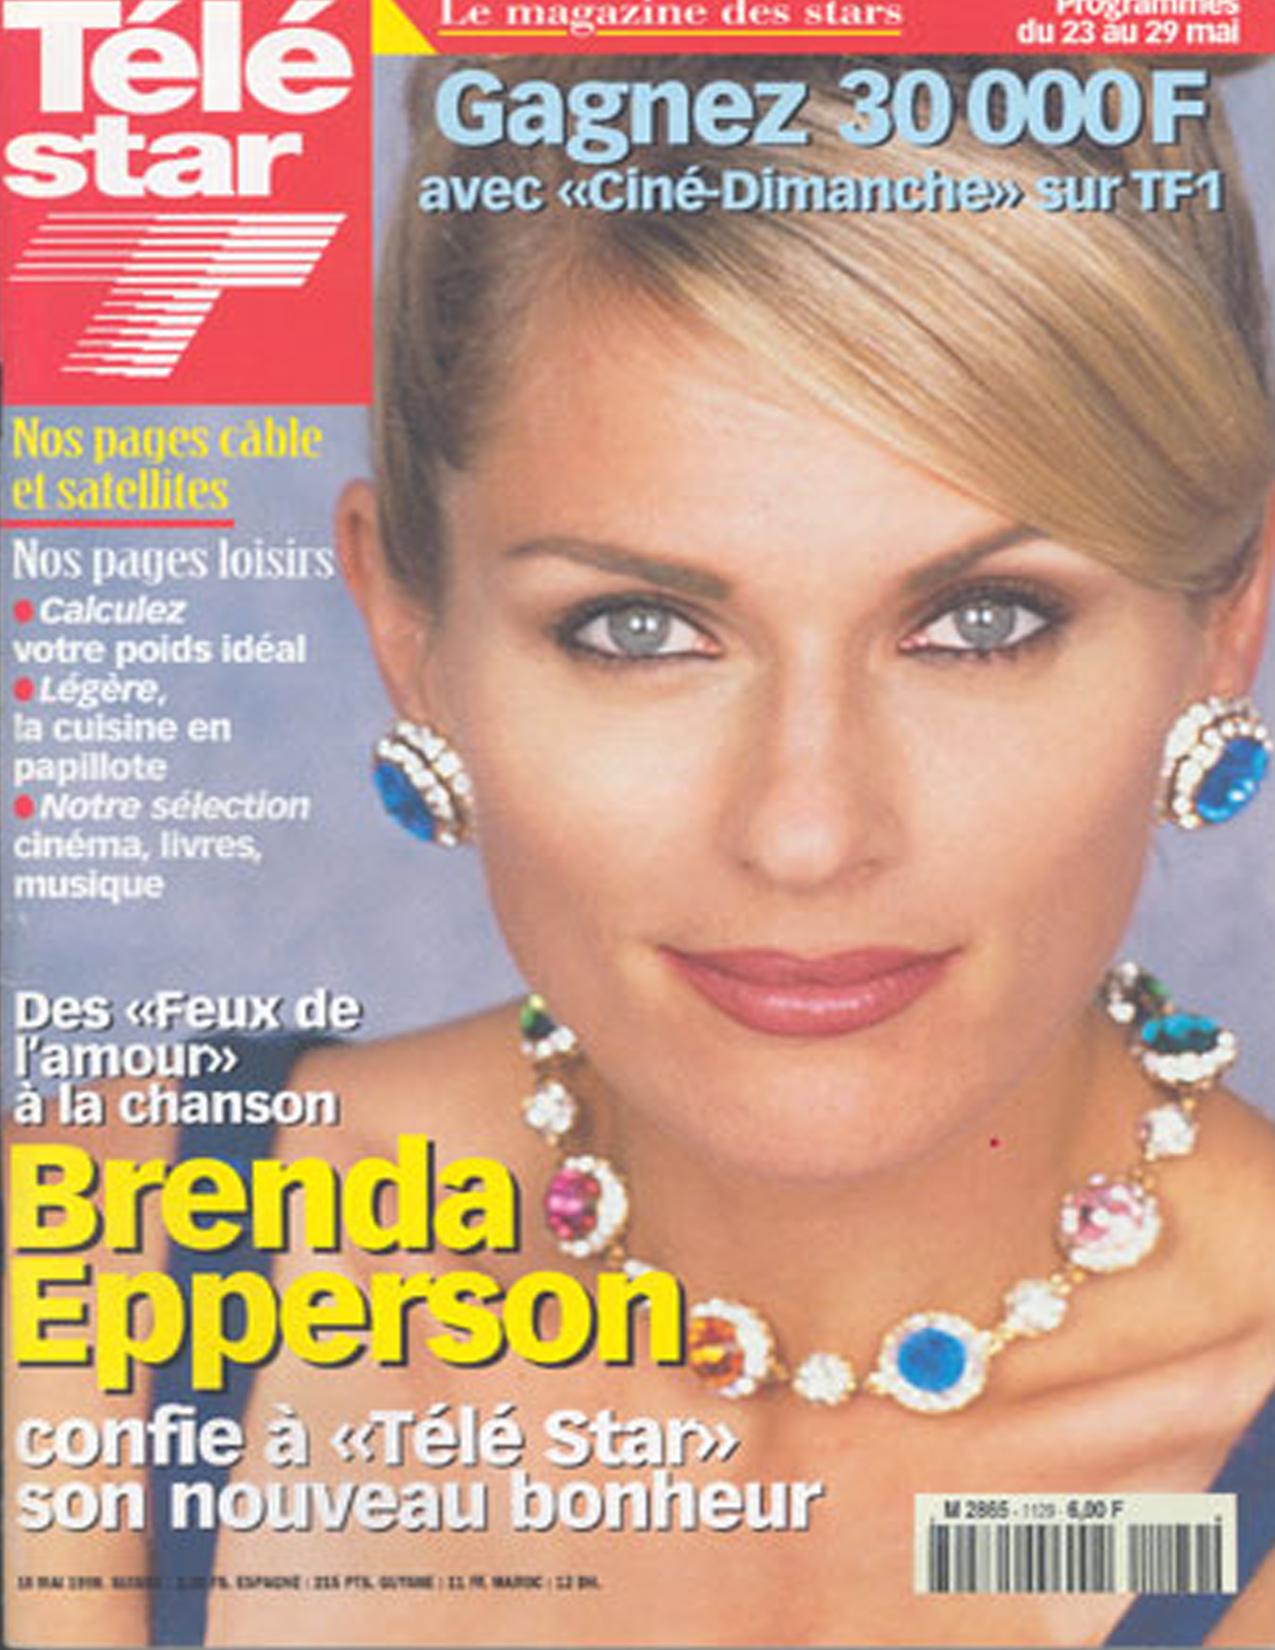 FrenchBrenda1